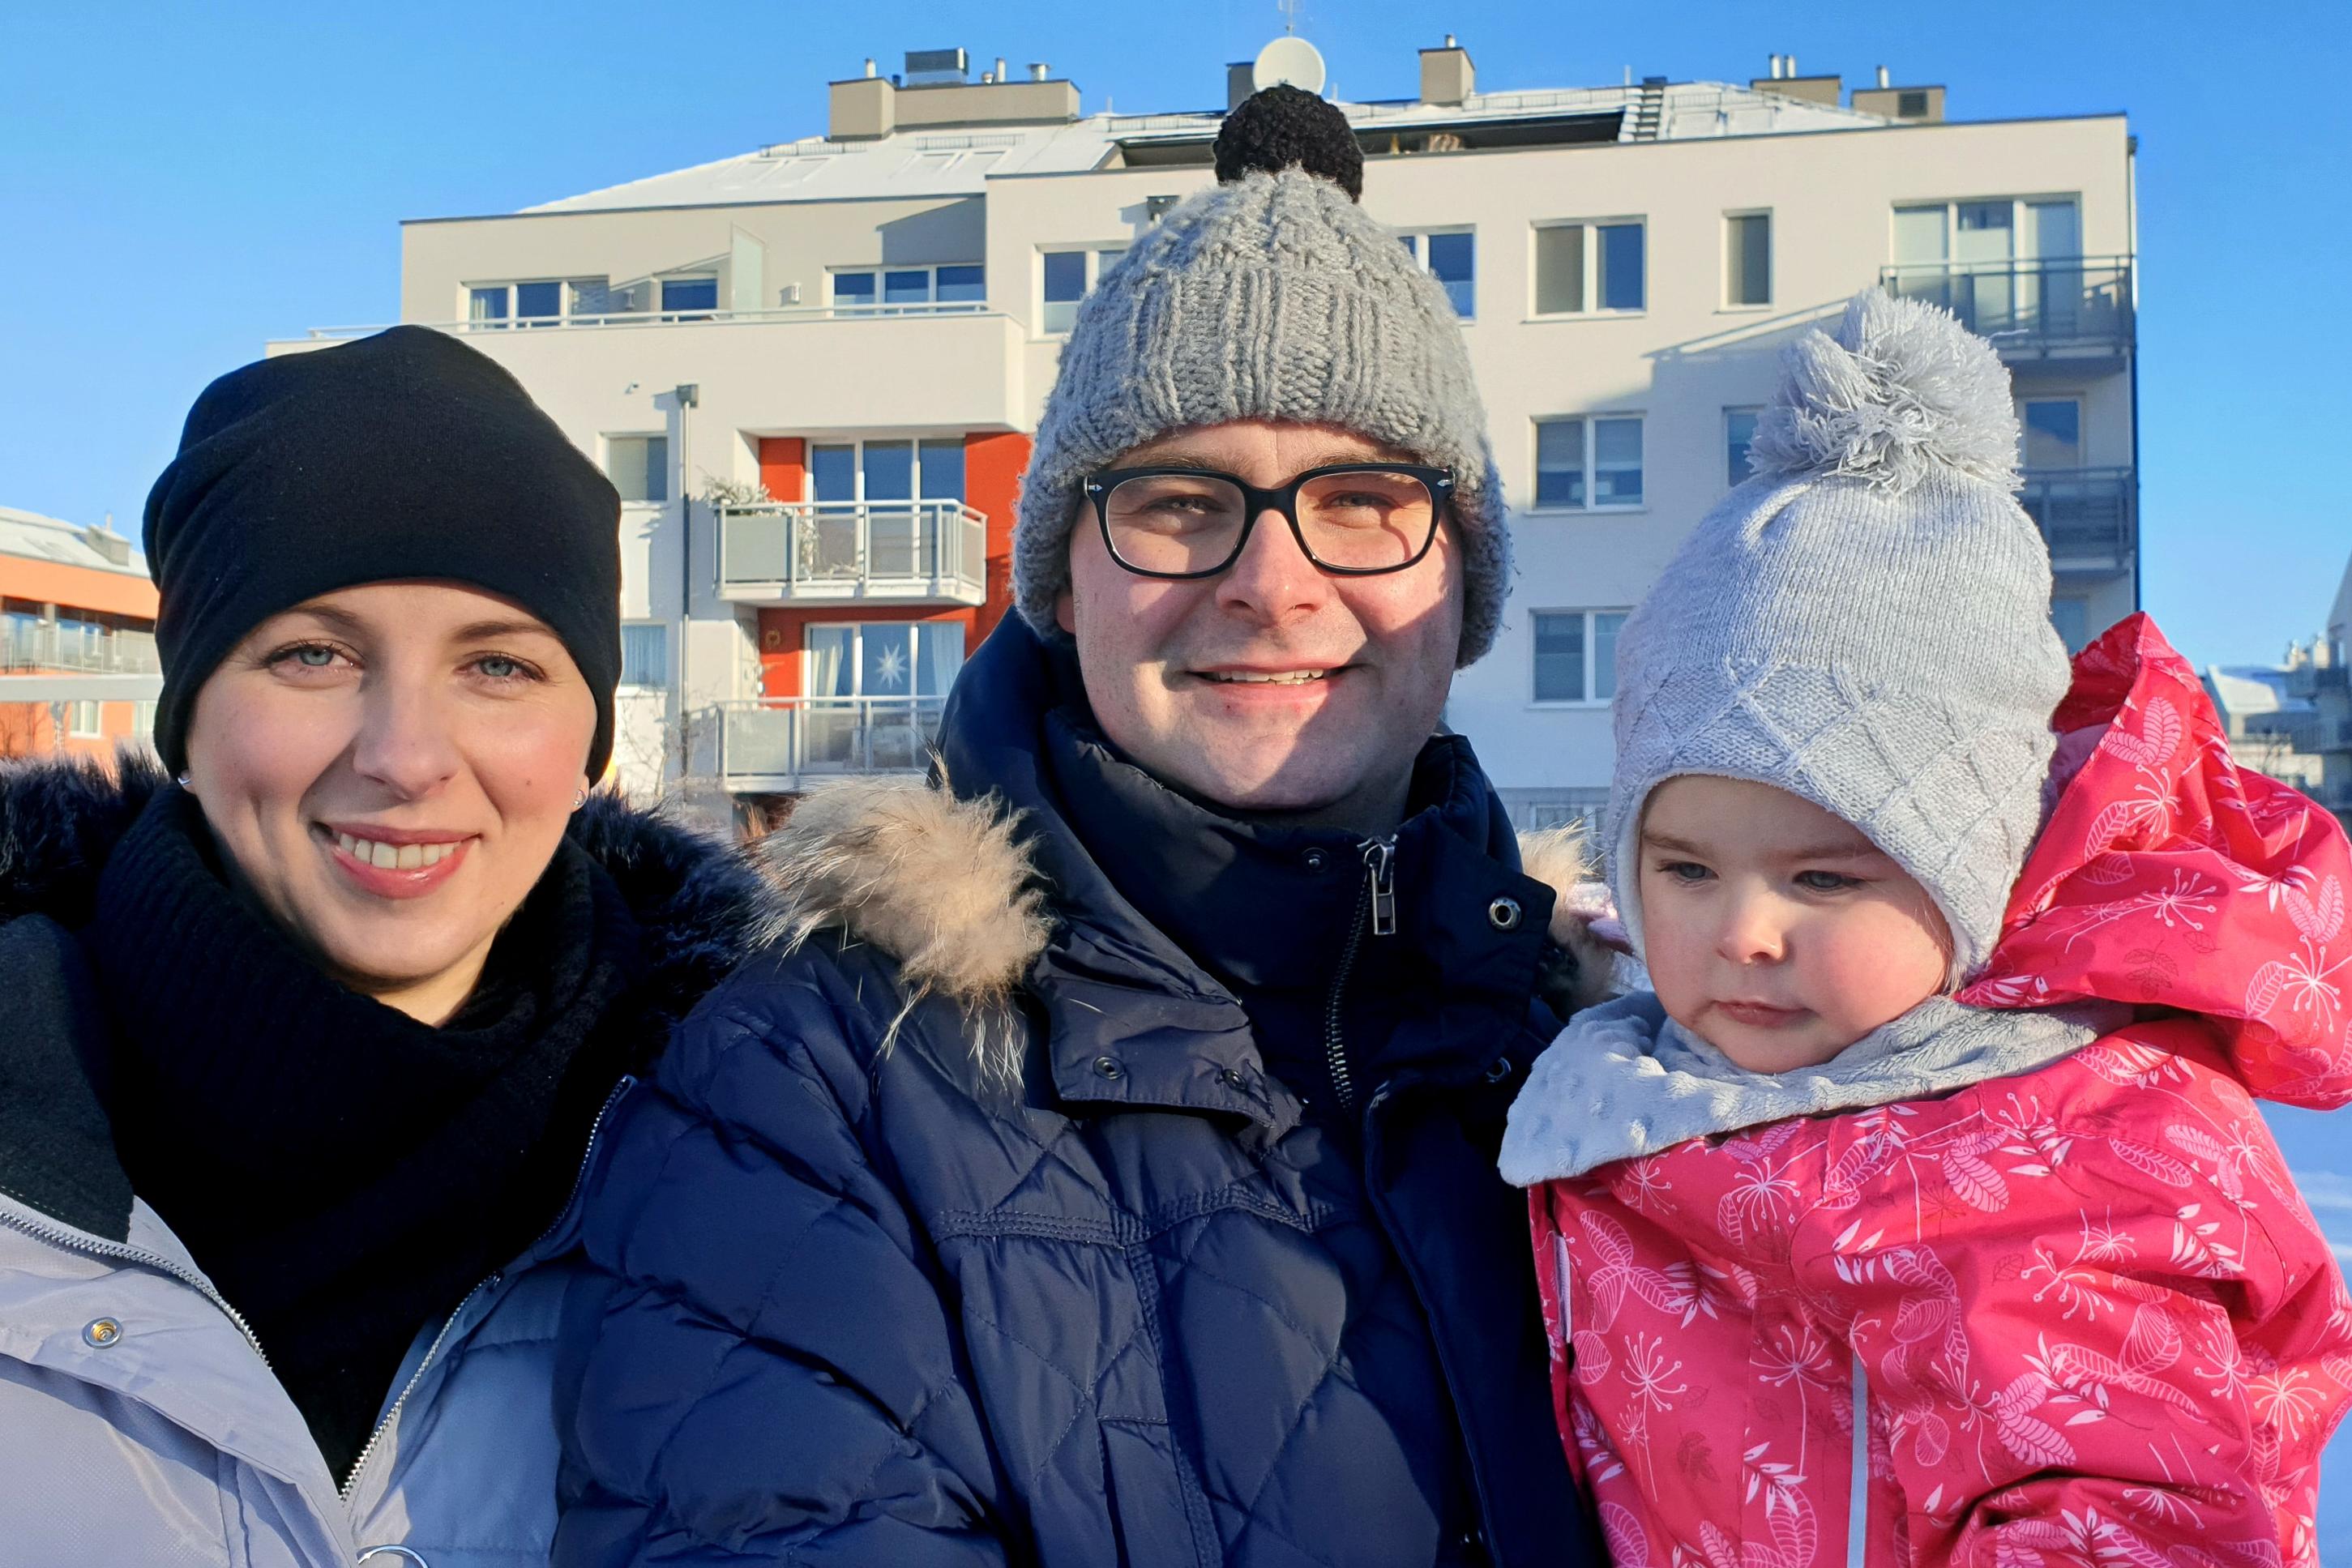 Od lewej: Dorota, Maciej i Anna Skwierz - gdynianie z wyboru, tu mieszkają i pracują, fot. Marcin Mielewski